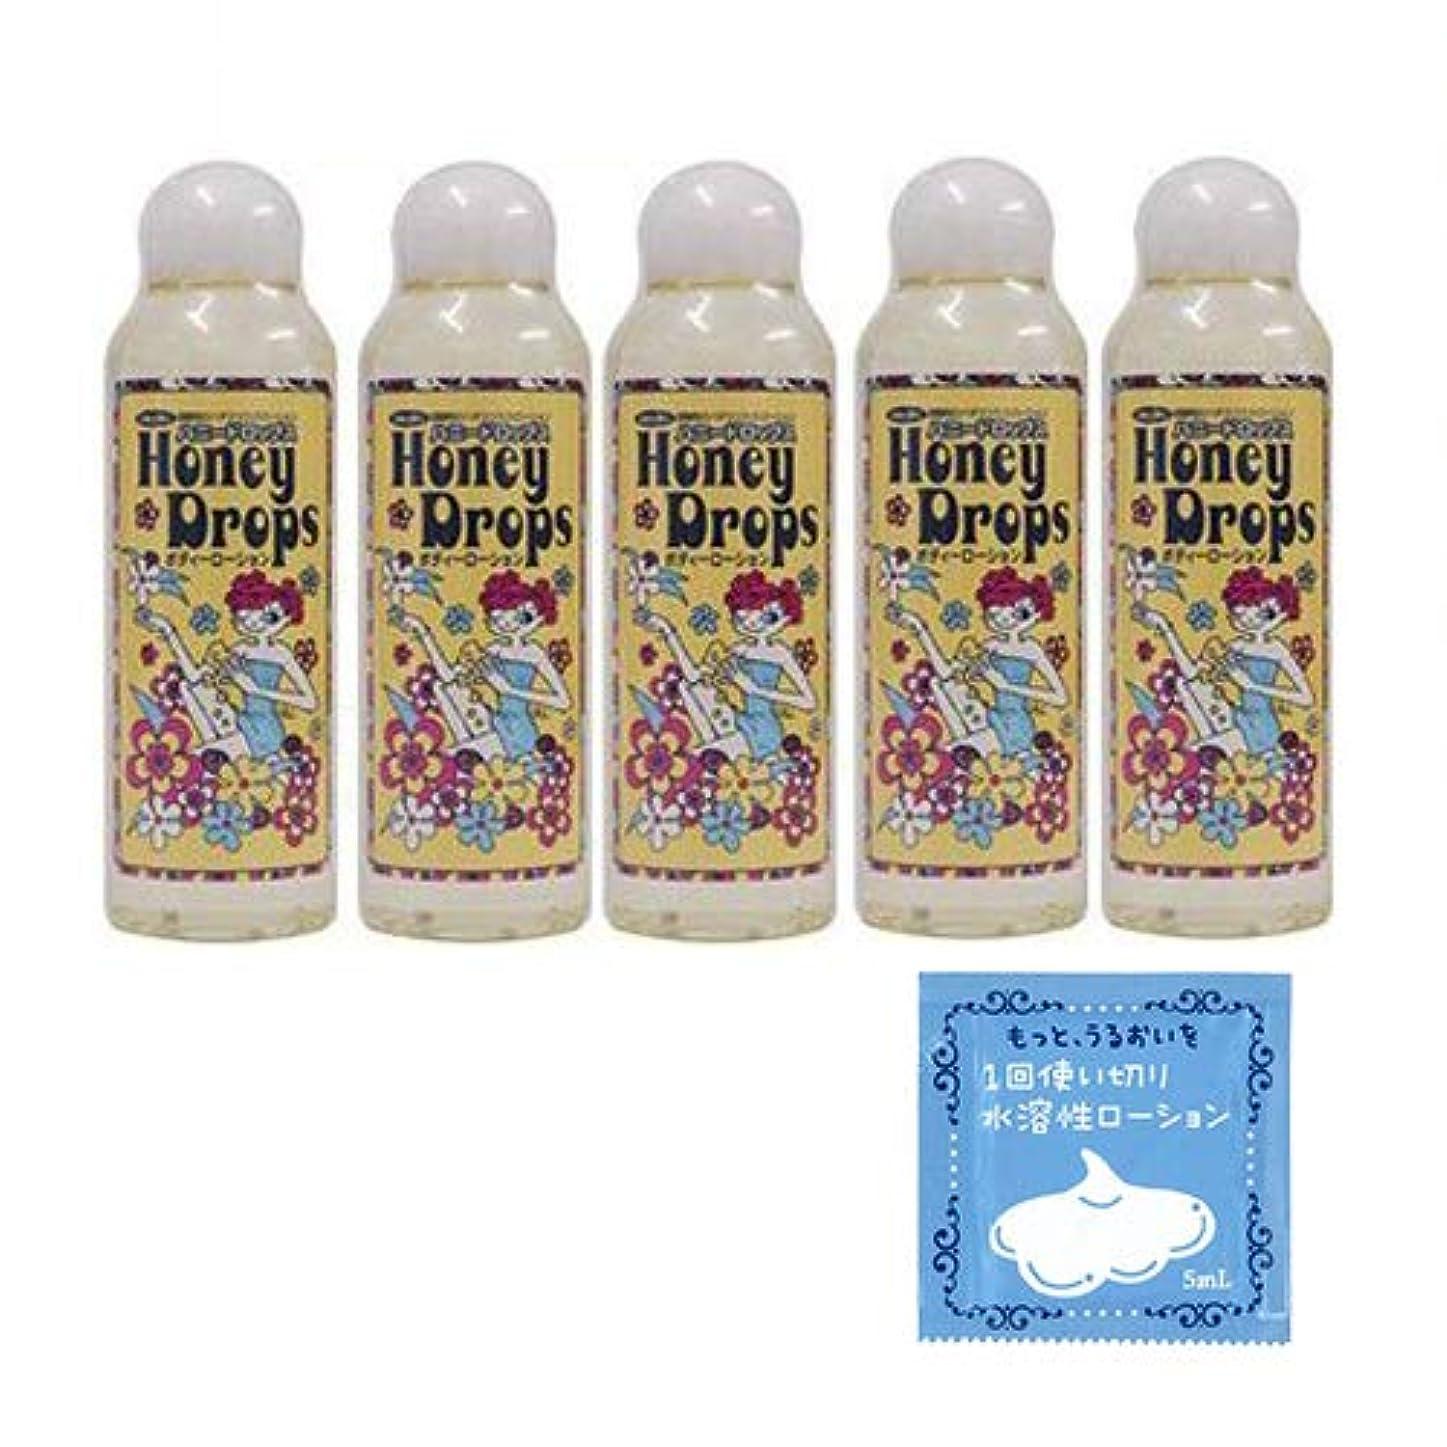 ポケット酸化する説教ハニードロップス150mL HoneyDrops150 ×5本 +1回使い切り水溶性潤滑ローション